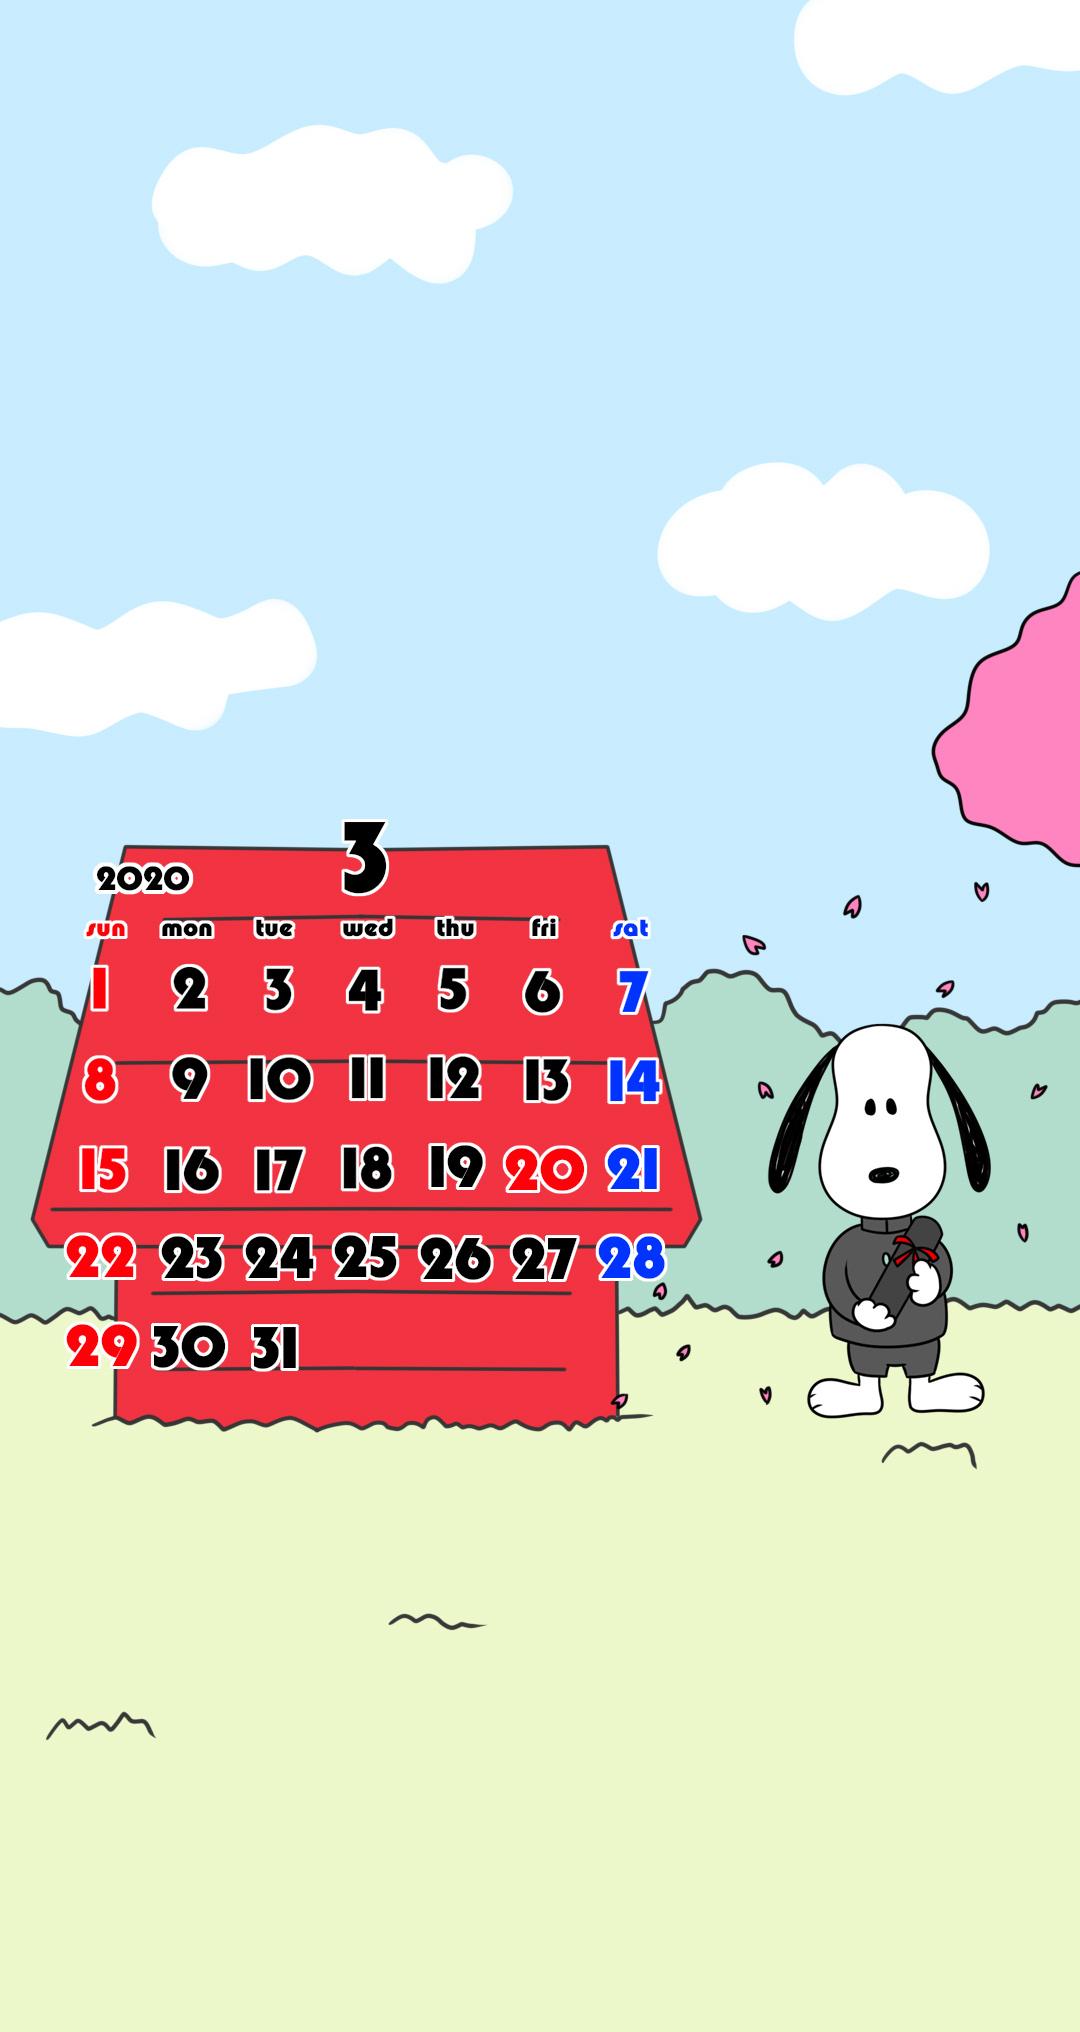 スヌーピー風 2020年3月用待ち受けカレンダー スマホ壁紙無料